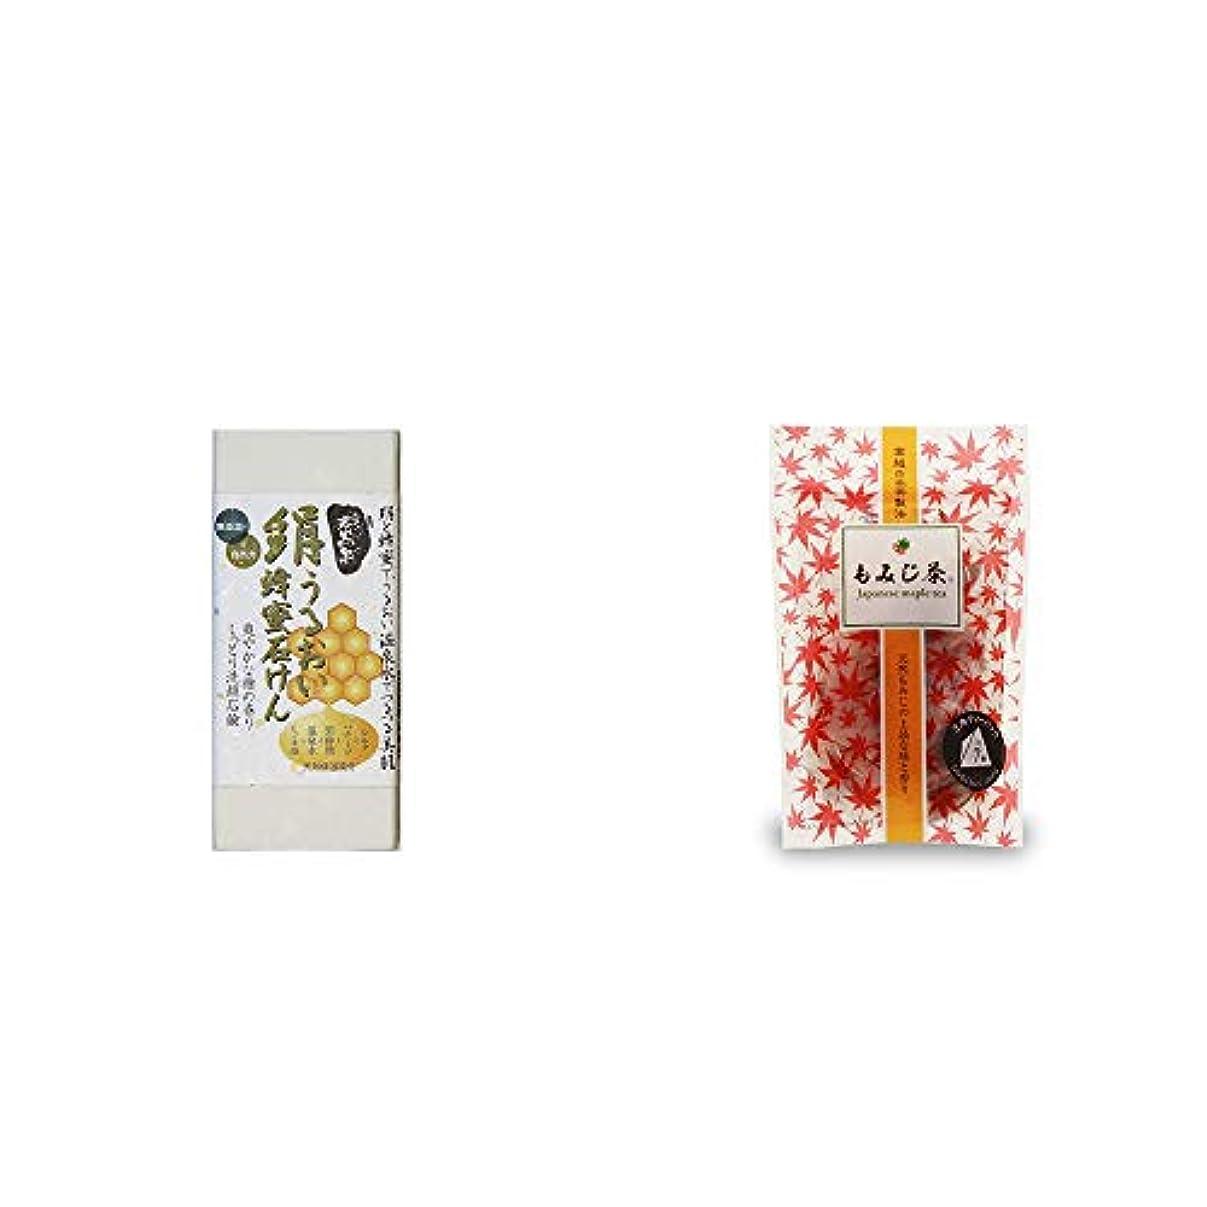 キリマンジャロロバ解釈する[2点セット] ひのき炭黒泉 絹うるおい蜂蜜石けん(75g×2)?もみじ茶(7パック入)